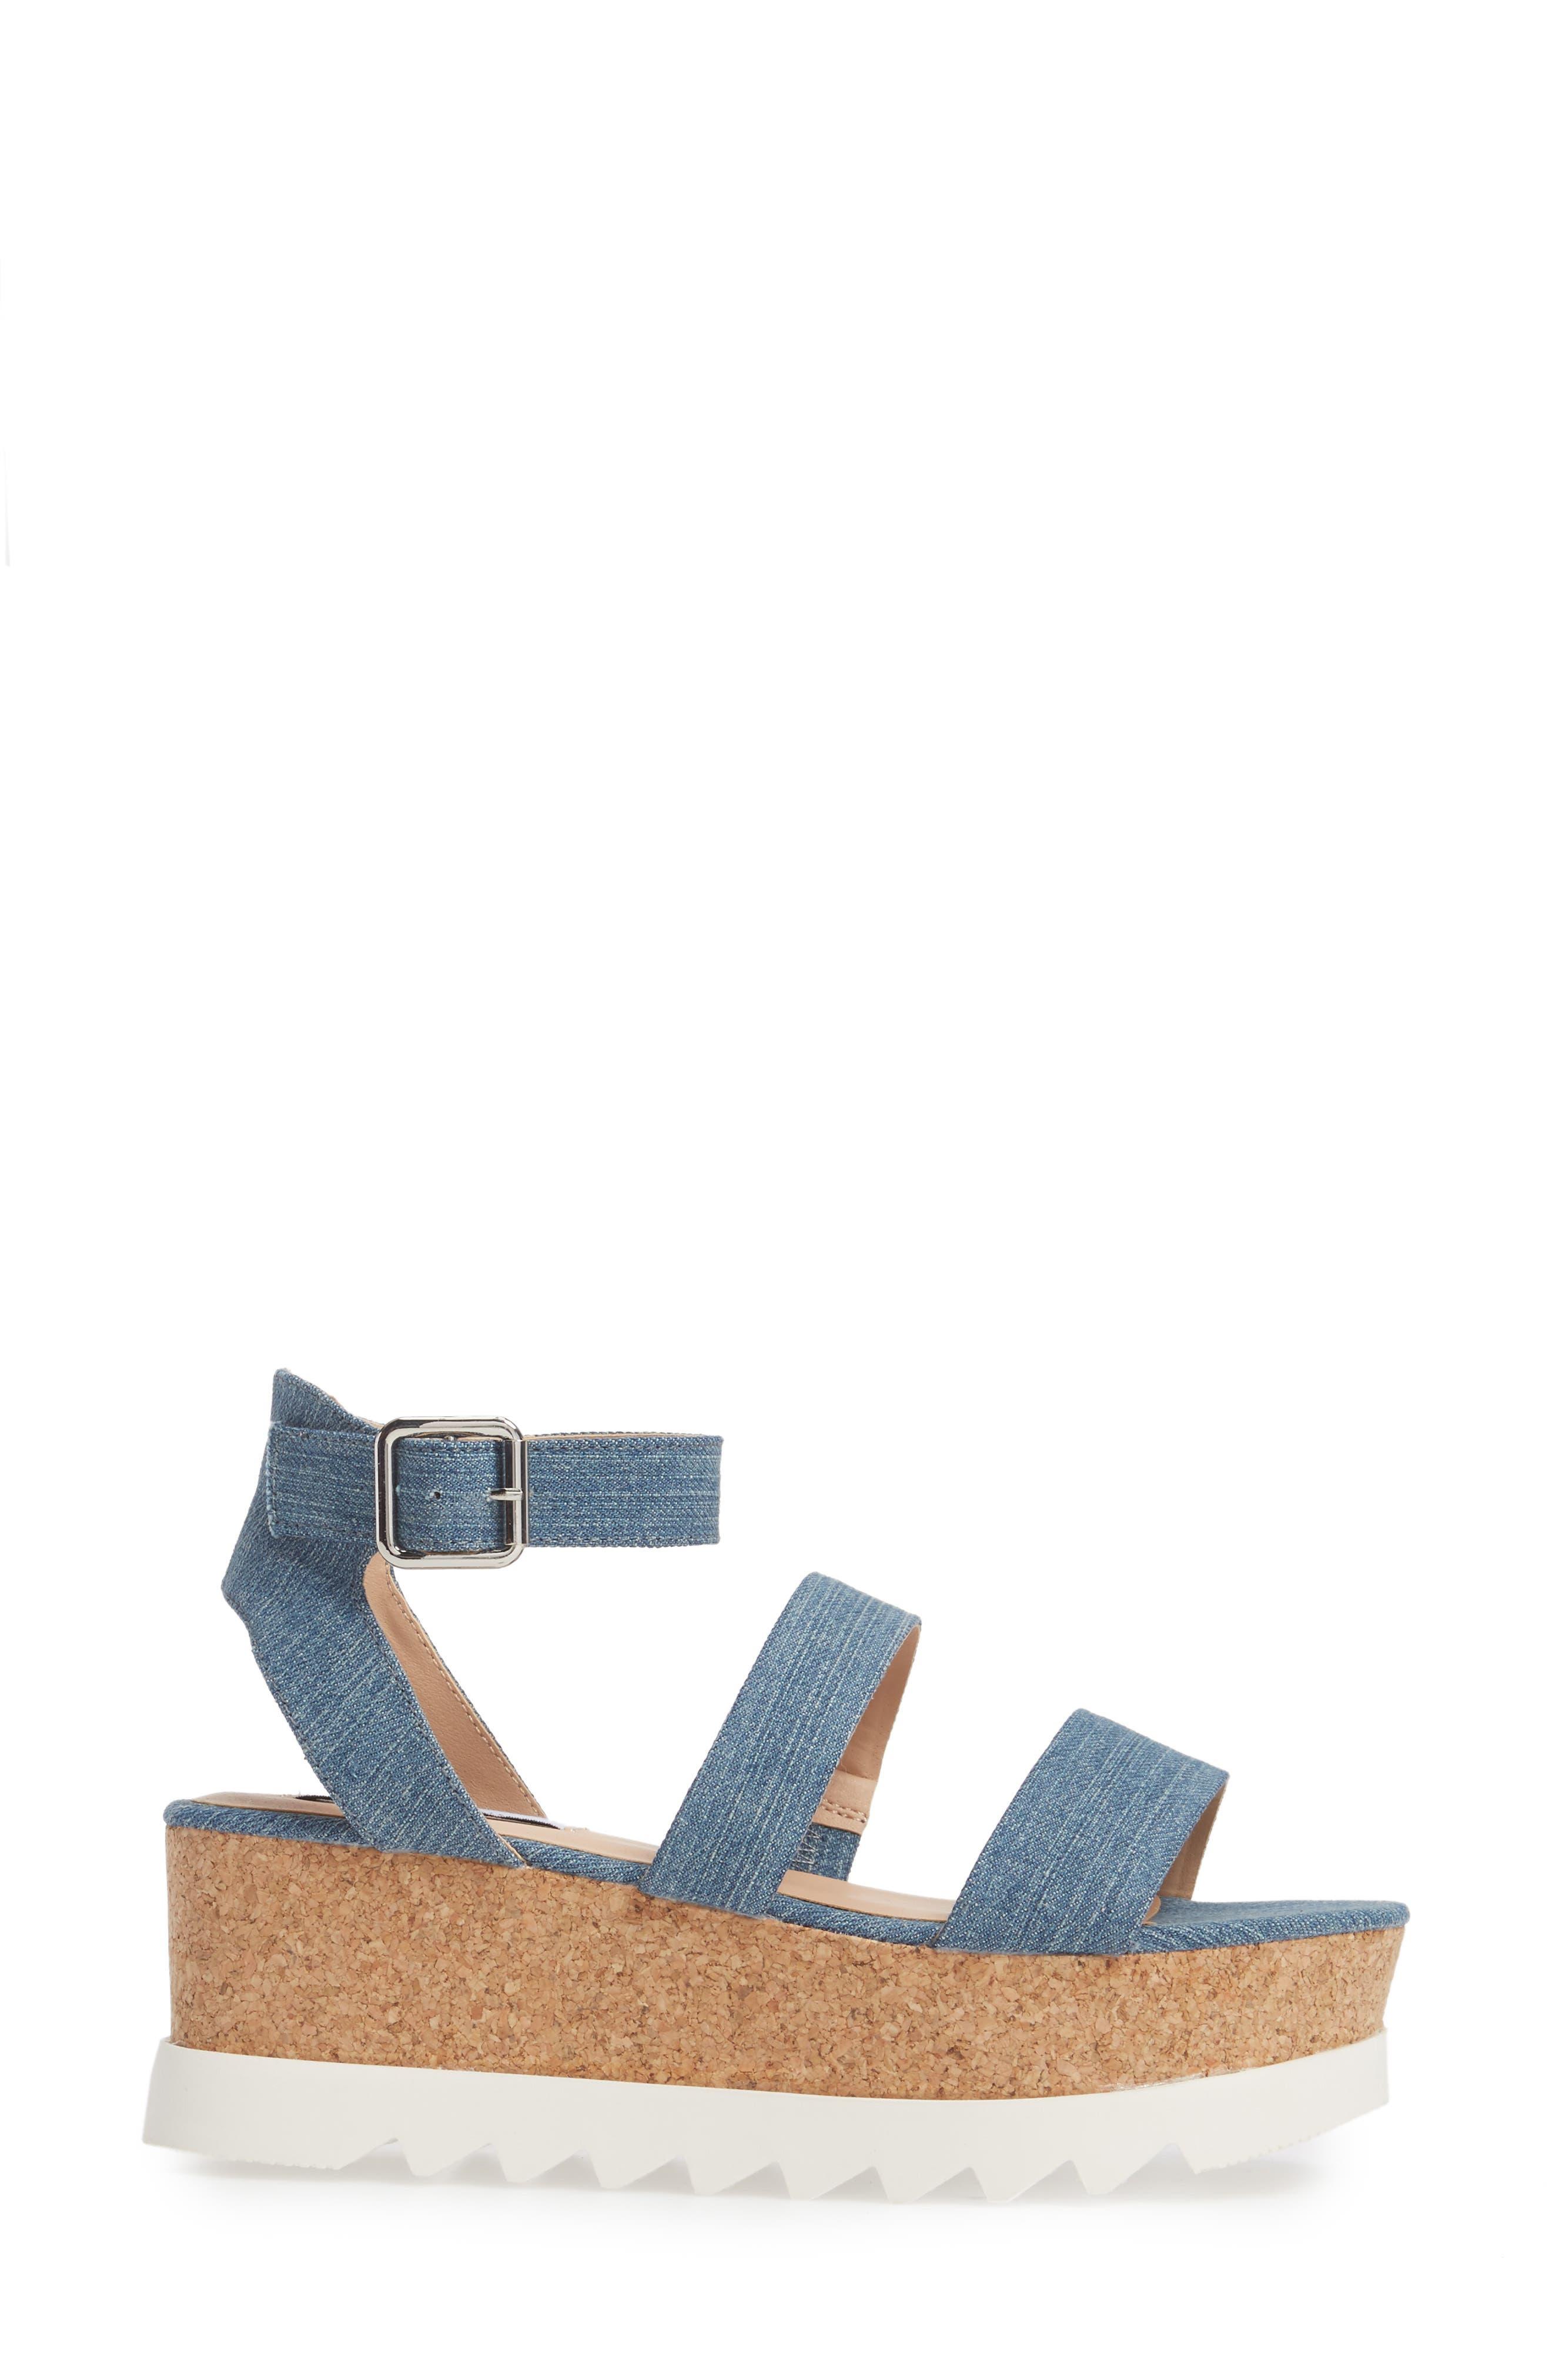 Alternate Image 3  - Steve Madden Kirsten Layered Platform Sandal (Women)